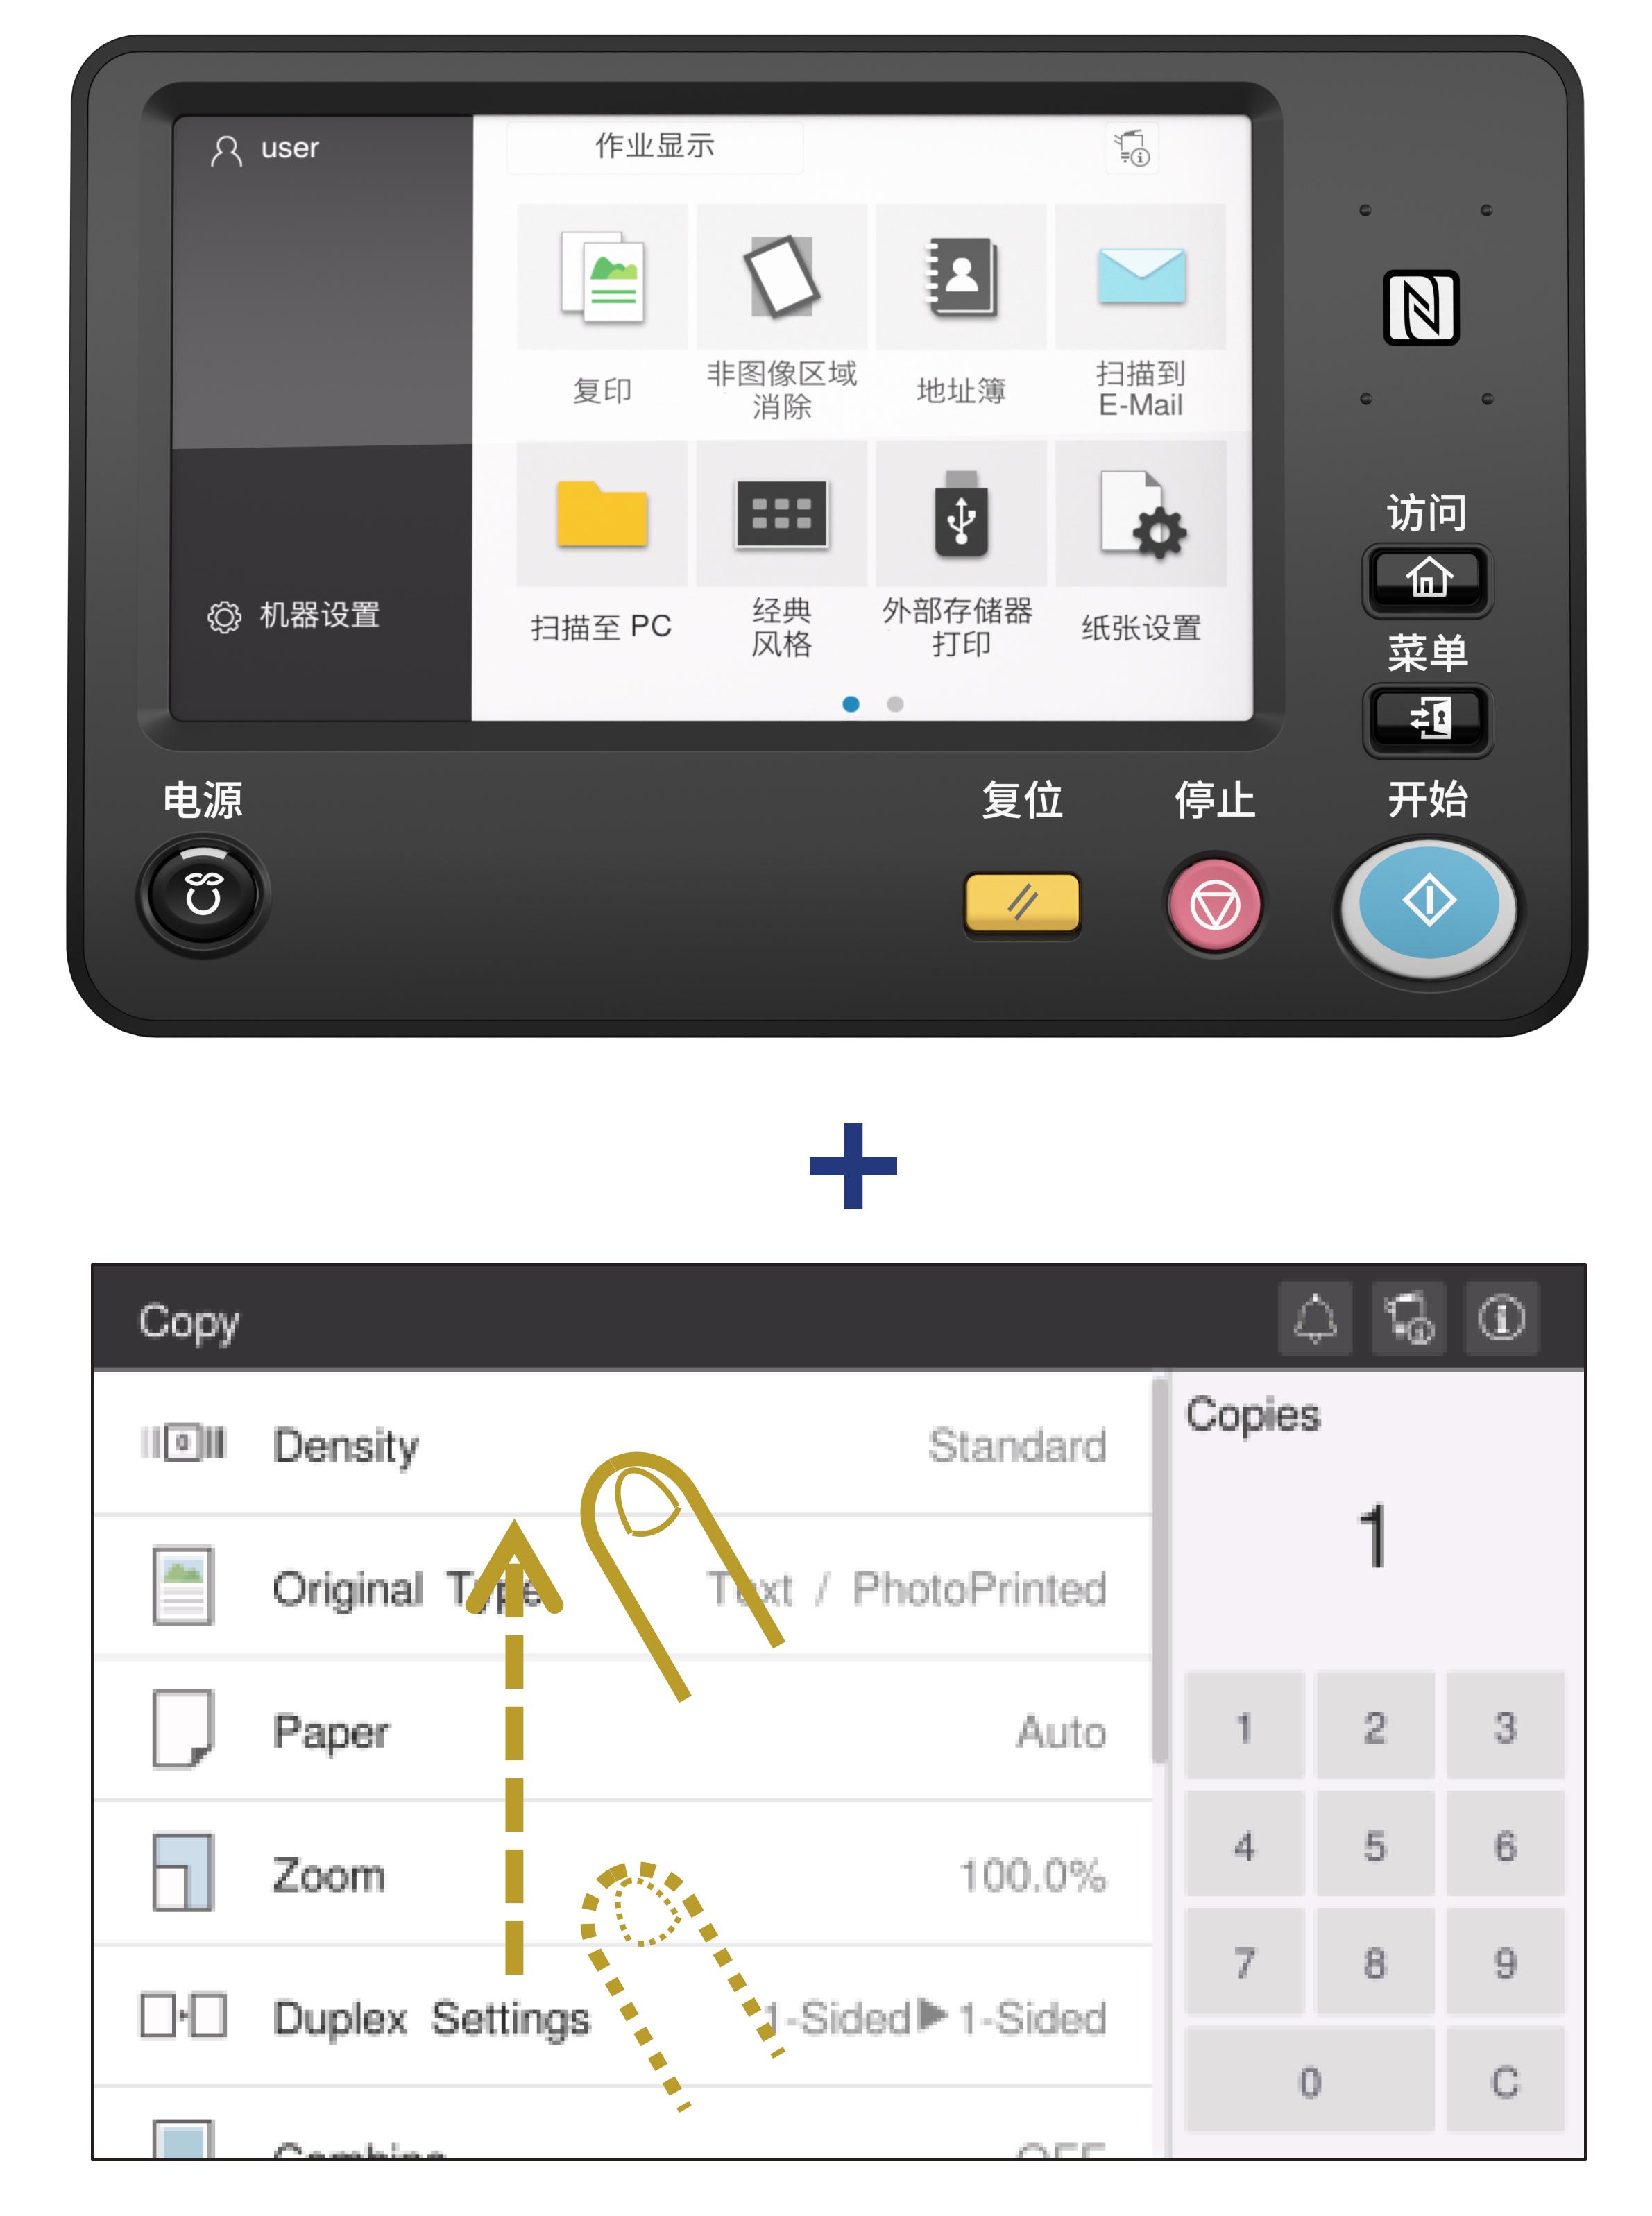 图二:7英寸操作面板(柯尼卡美能达支持中文在内的多语言操作界面).jpg